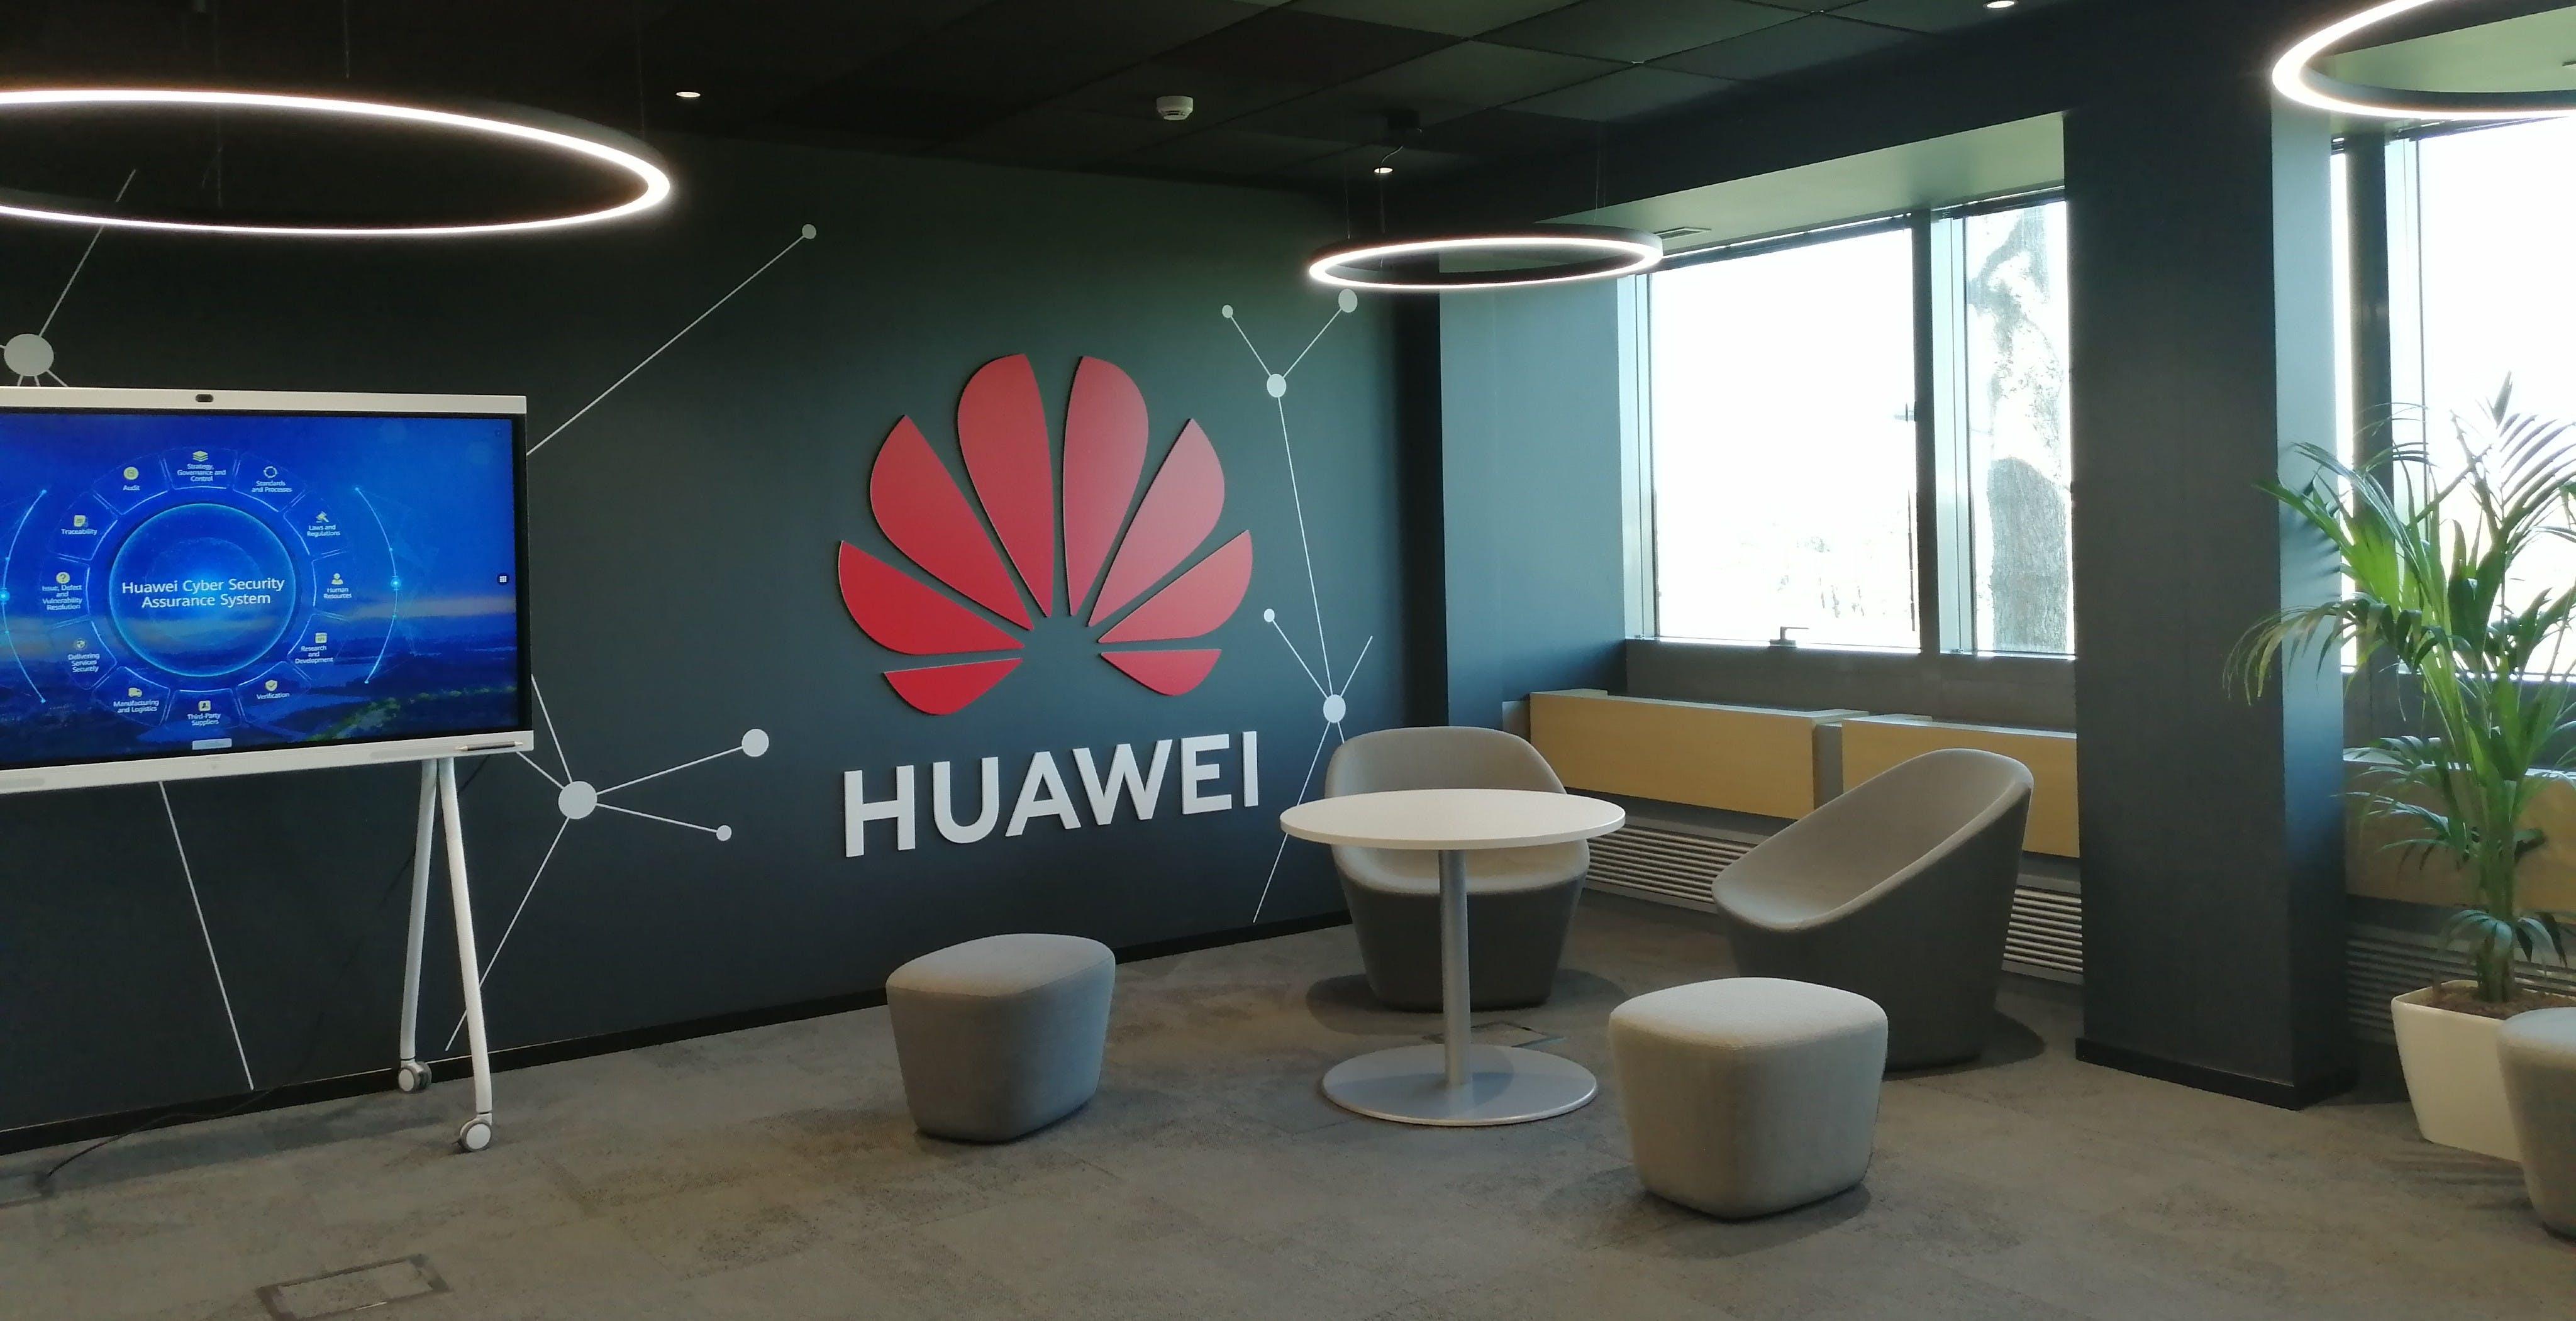 """Huawei, aperto il centro di cybersecurity a Roma. De Vecchis: """"Lasciamo stare le controversie geopolitiche"""""""